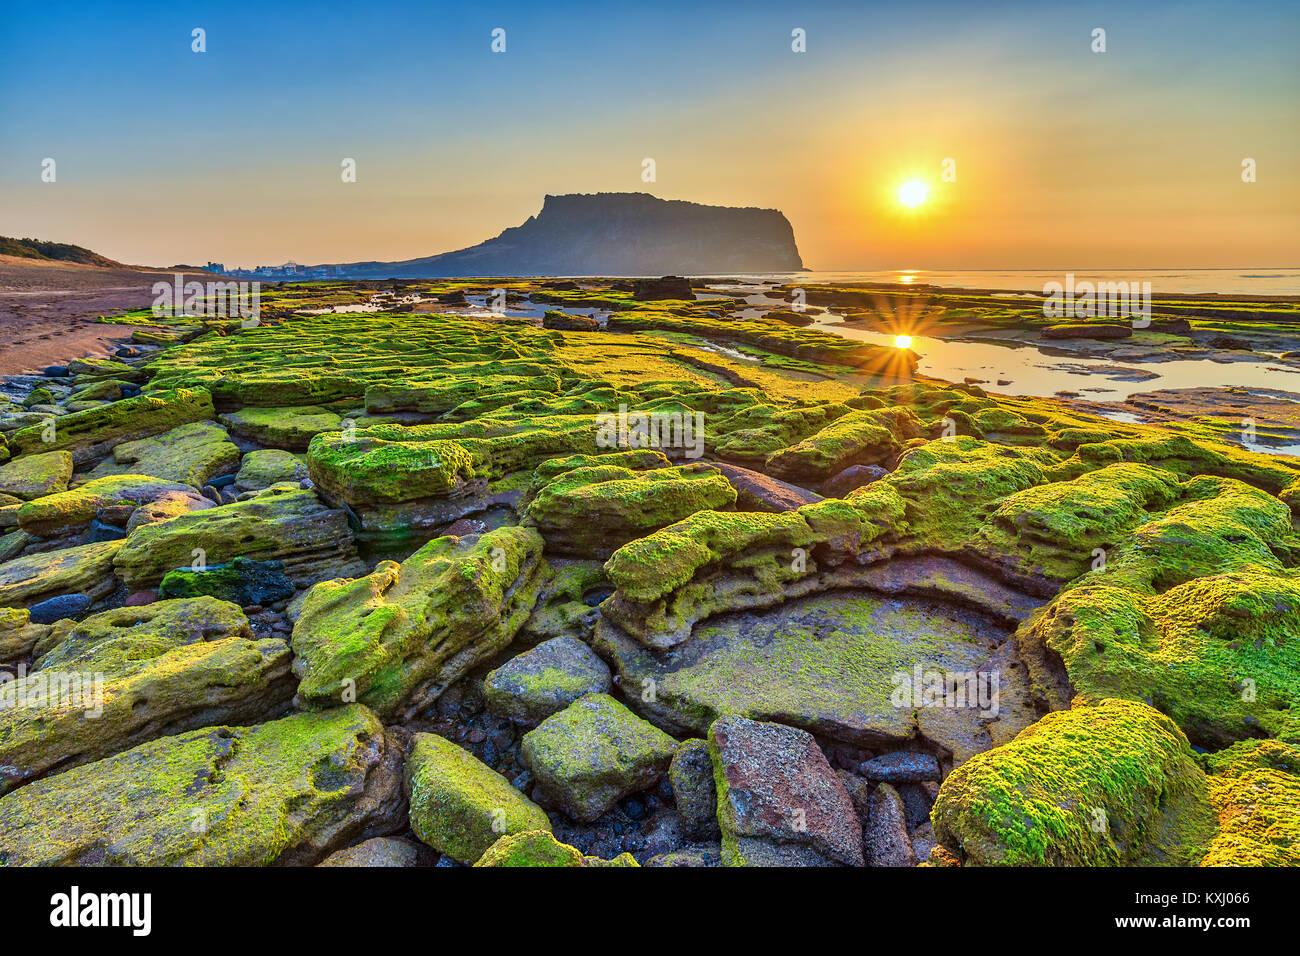 Sonnenaufgang an der Jeju Seongsan Ilchulbong Tun, Jeju Island, South Korea Stockbild